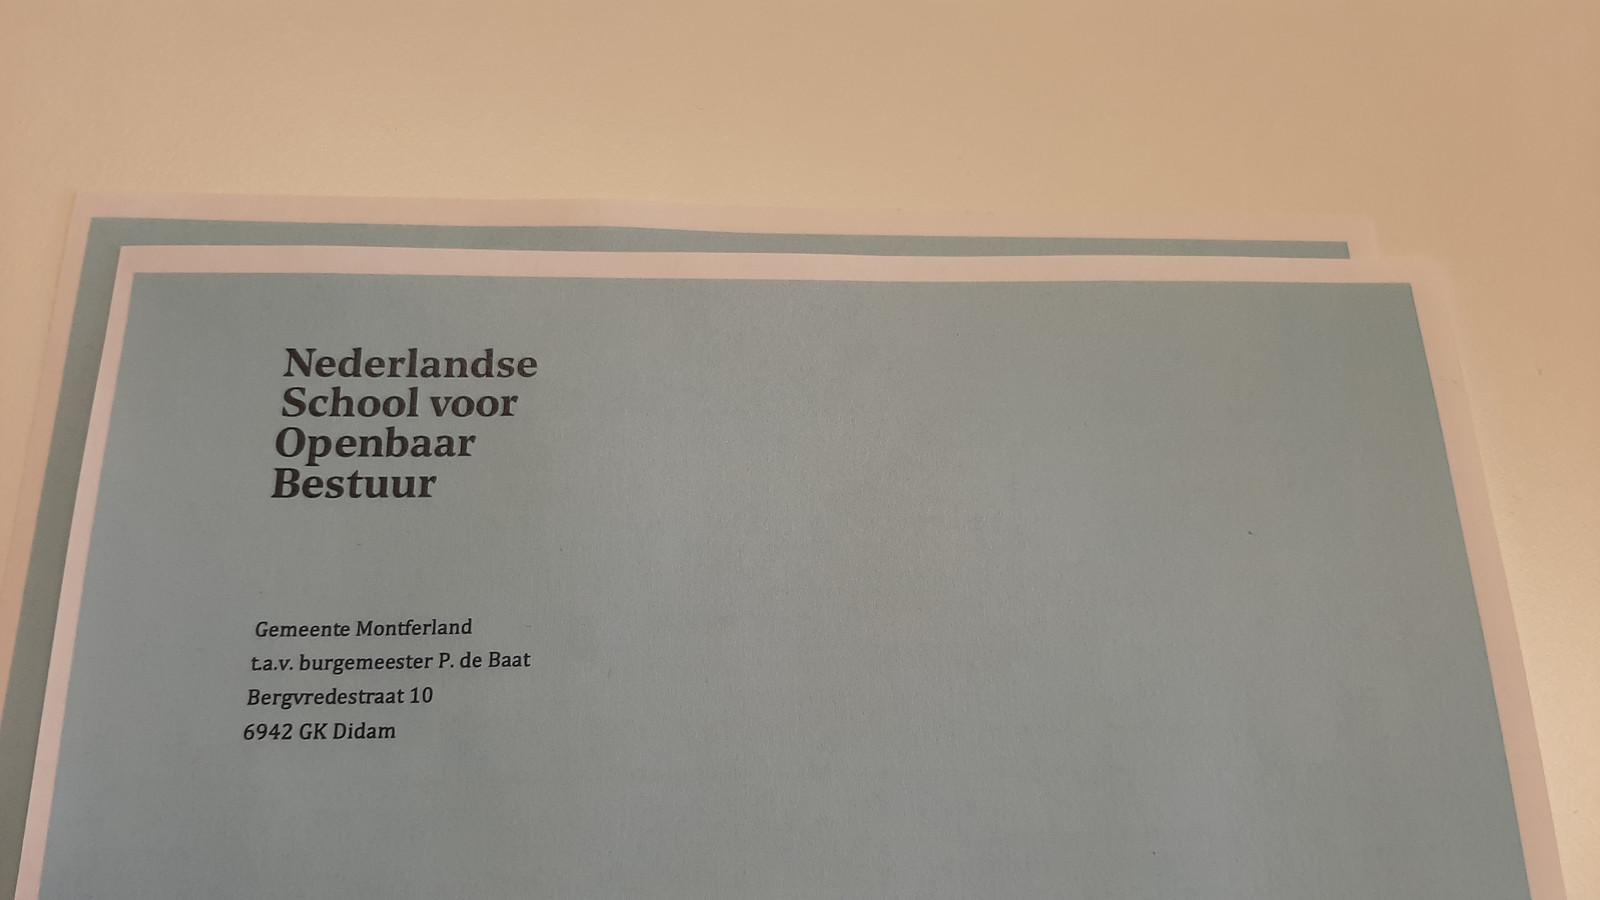 Het onderzoek van de Nederlandse School voor Openbaar Bestuur.